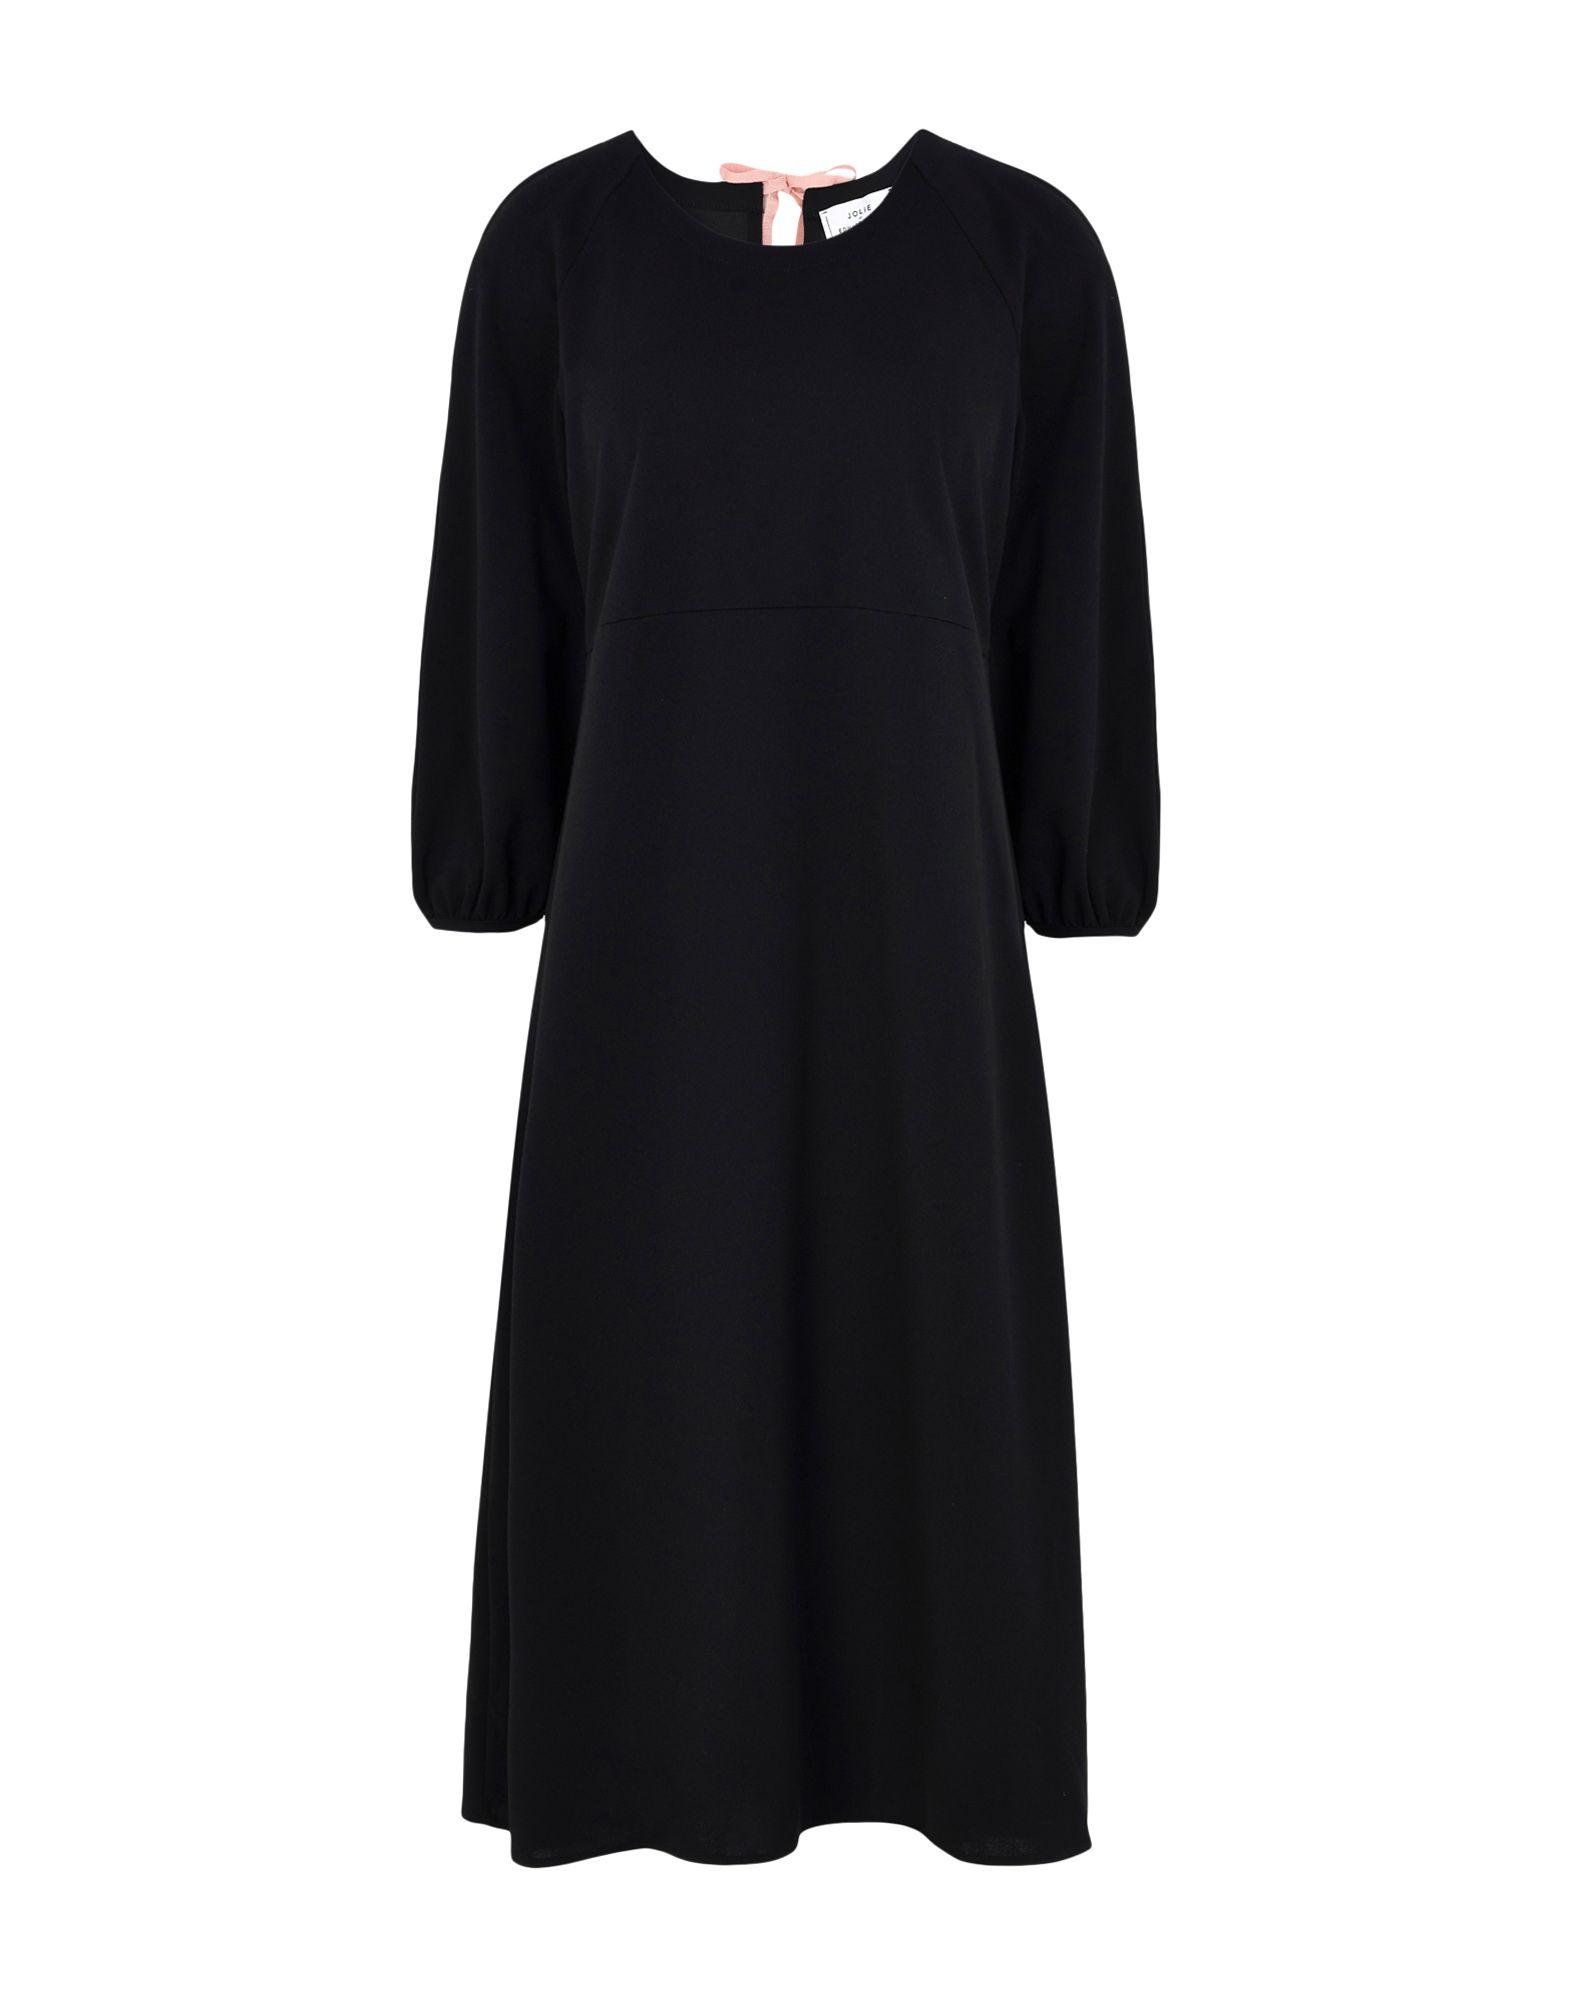 JOLIE by EDWARD SPIERS Платье длиной 3/4 lisa corti платье длиной 3 4